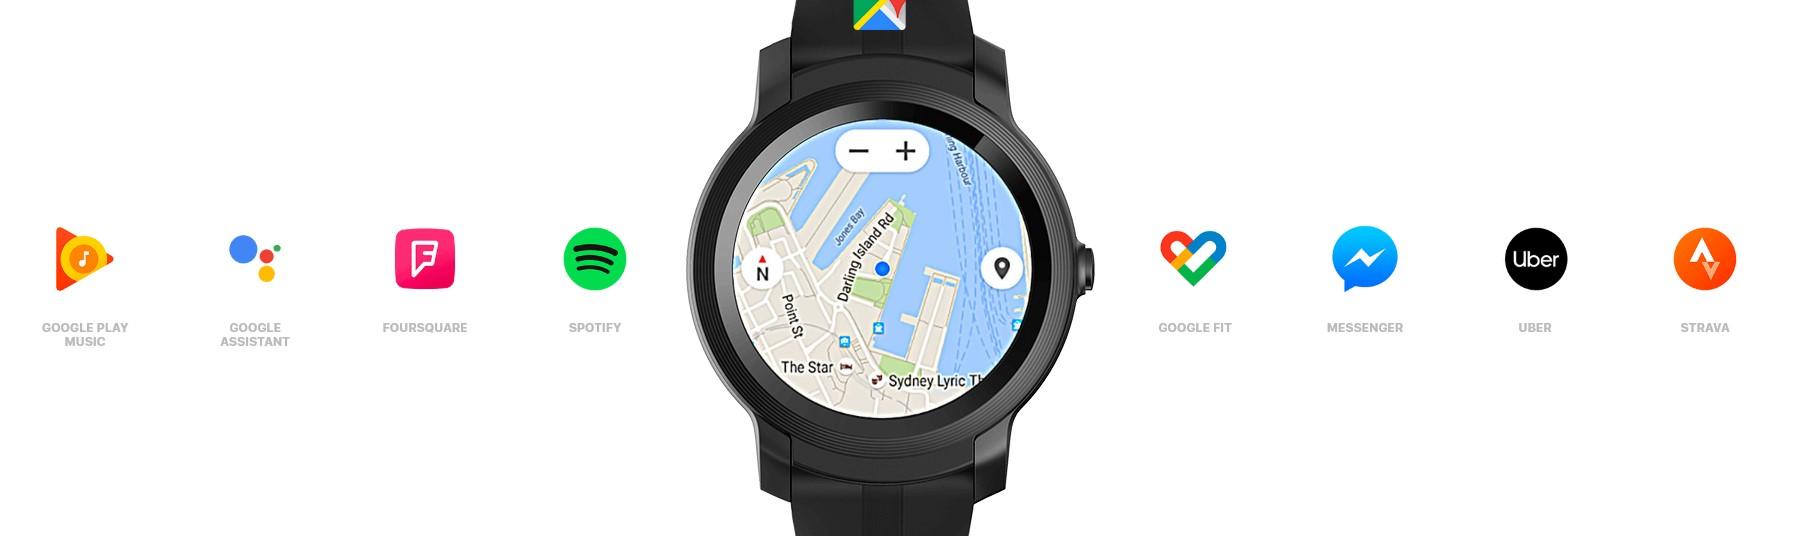 Už nikdy vám na zápěstí nebude chybět vaše oblíbená aplikace TicWatch E2 s Wear OS nabízejí přístup k více jak stovkám tisíc aplikací z obchodu Google Play